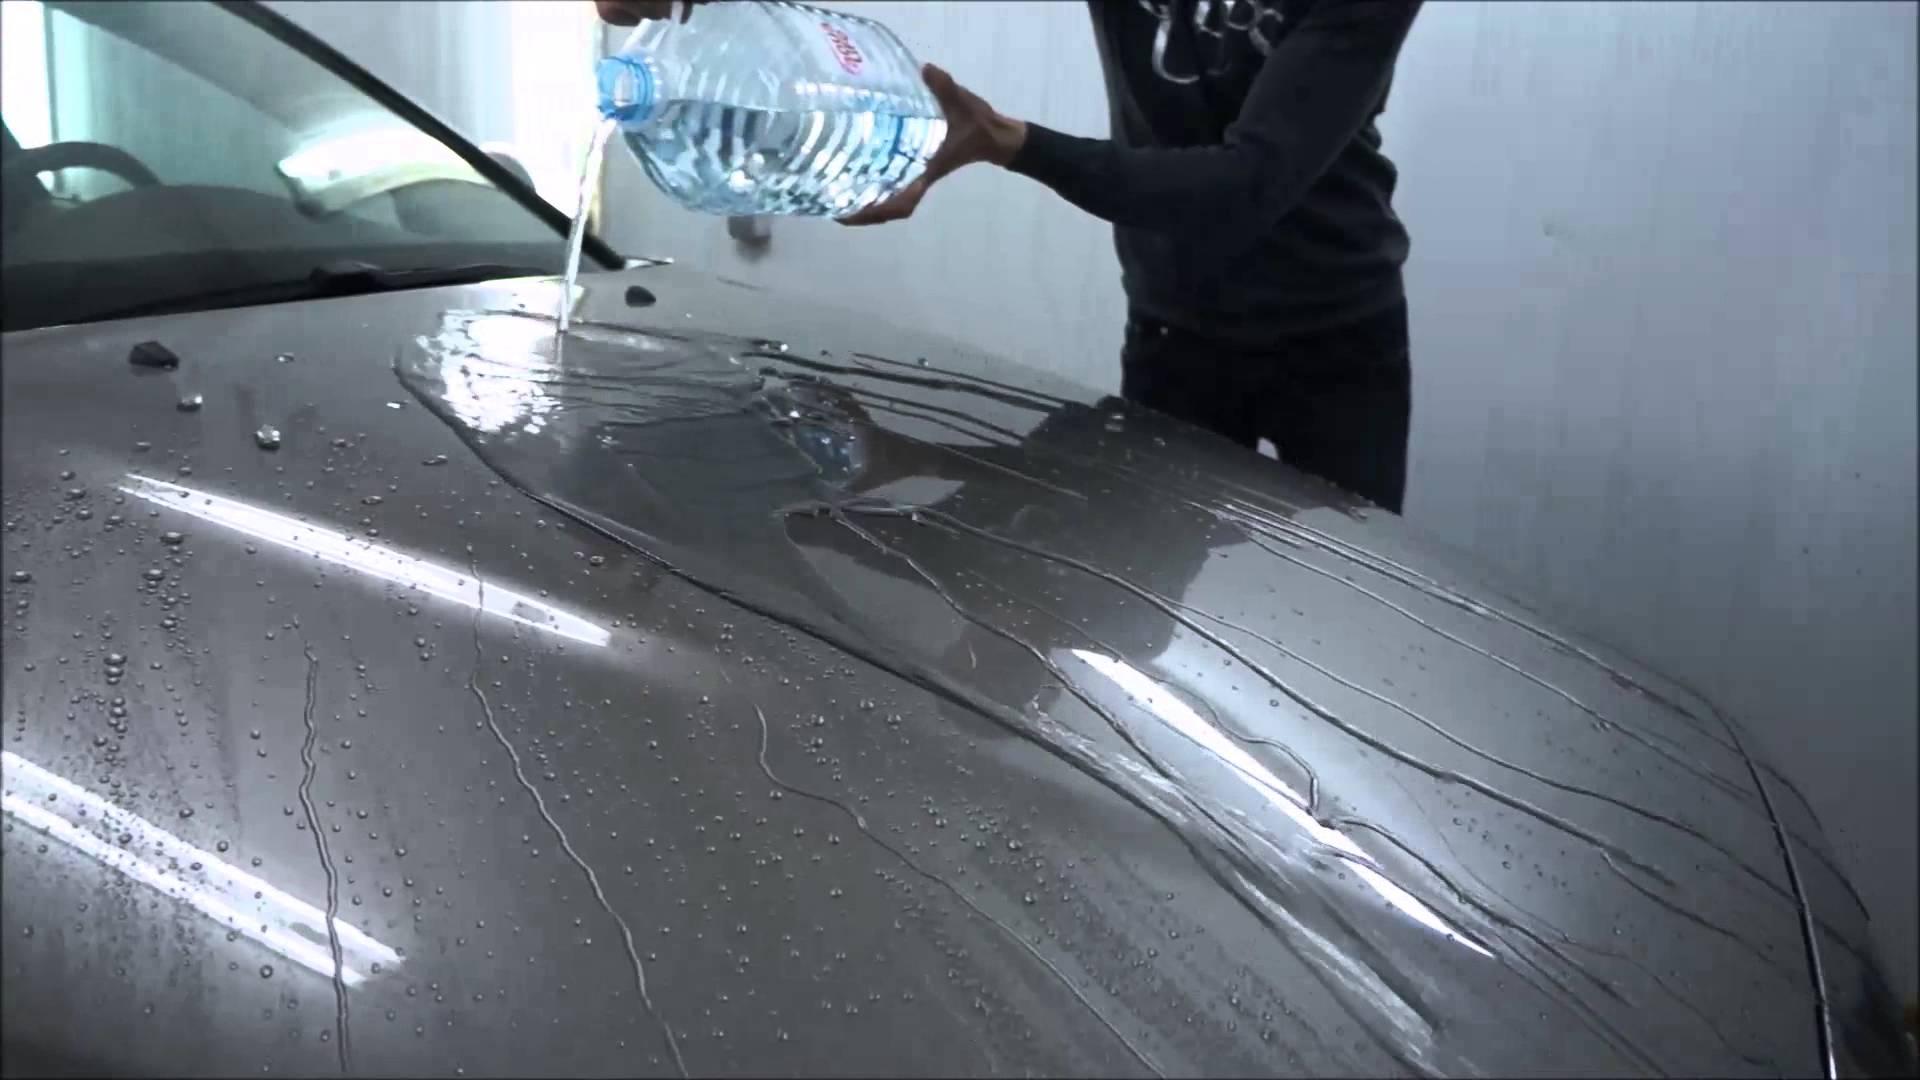 Изготовить жидкое стекло для авто своими руками 89